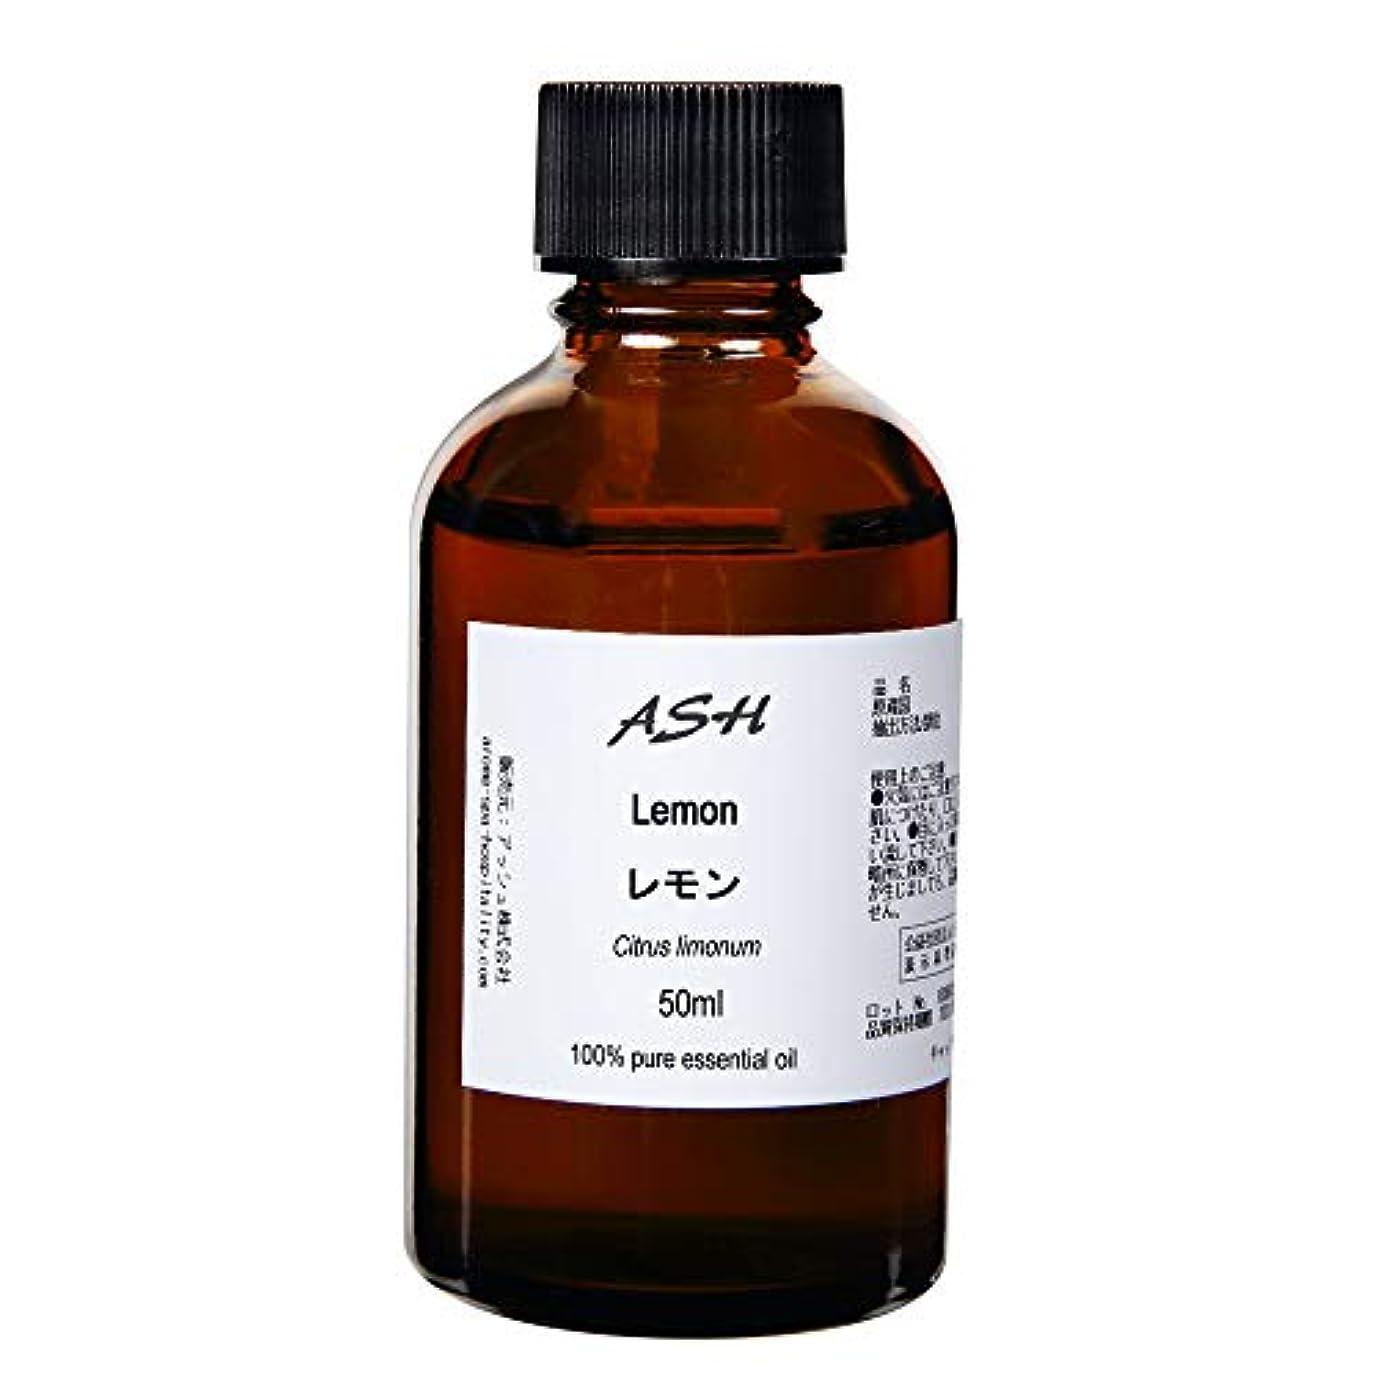 羊である勝つASH レモン エッセンシャルオイル 50ml AEAJ表示基準適合認定精油